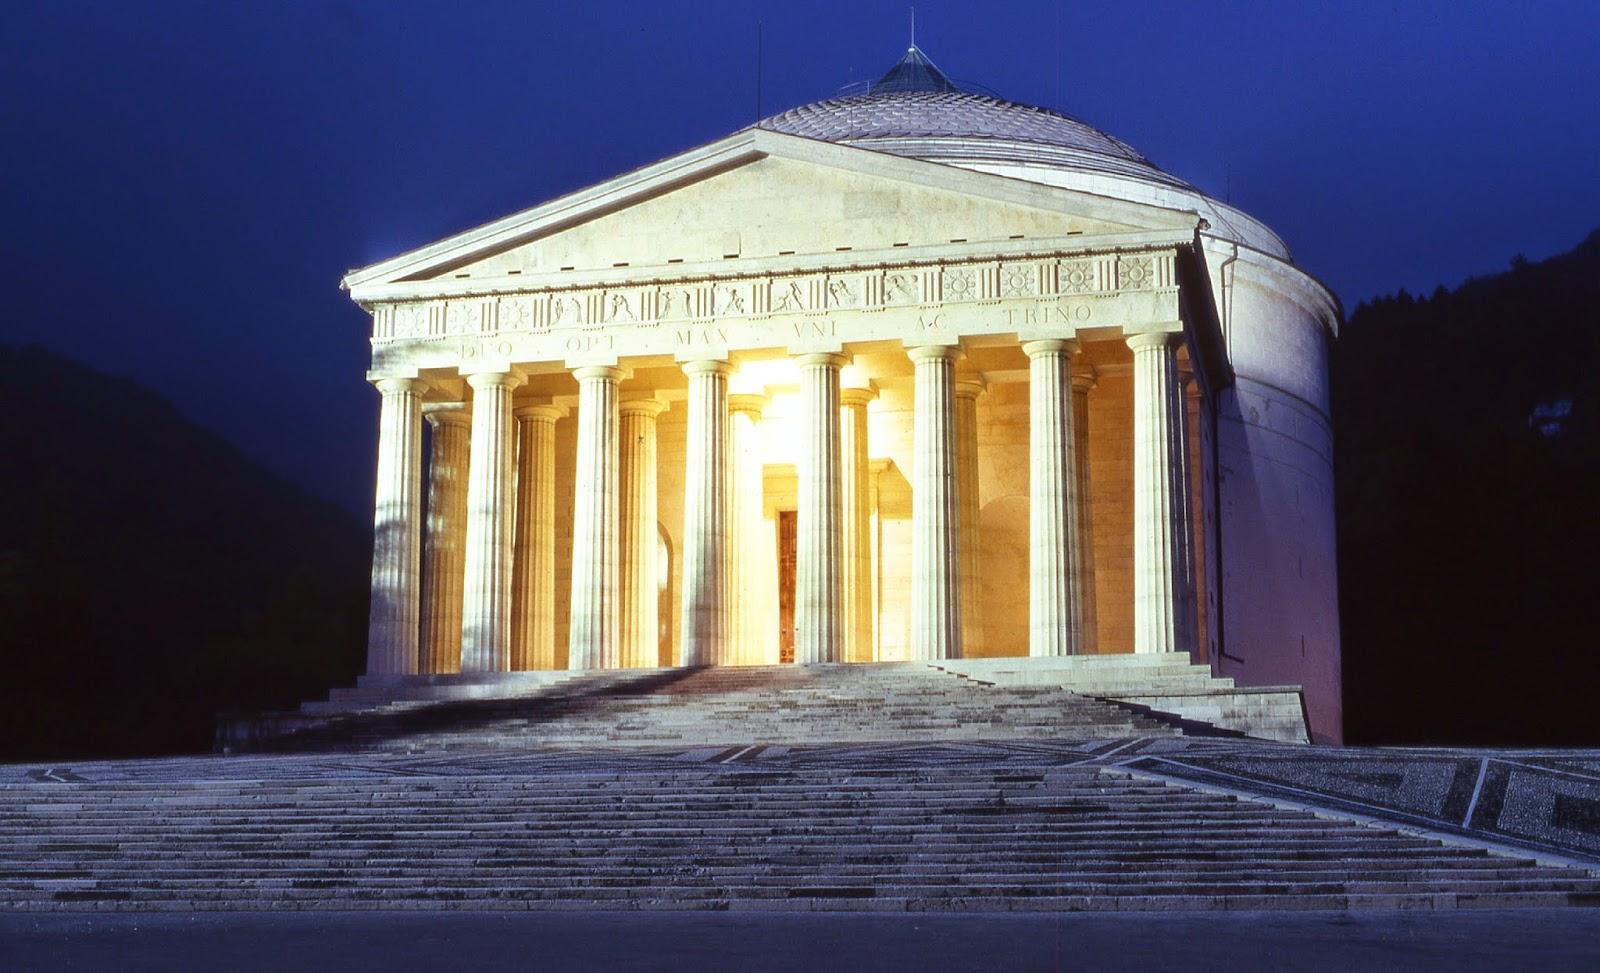 Una suggestiva veduta notturna del Tempio canoviano di Possagno